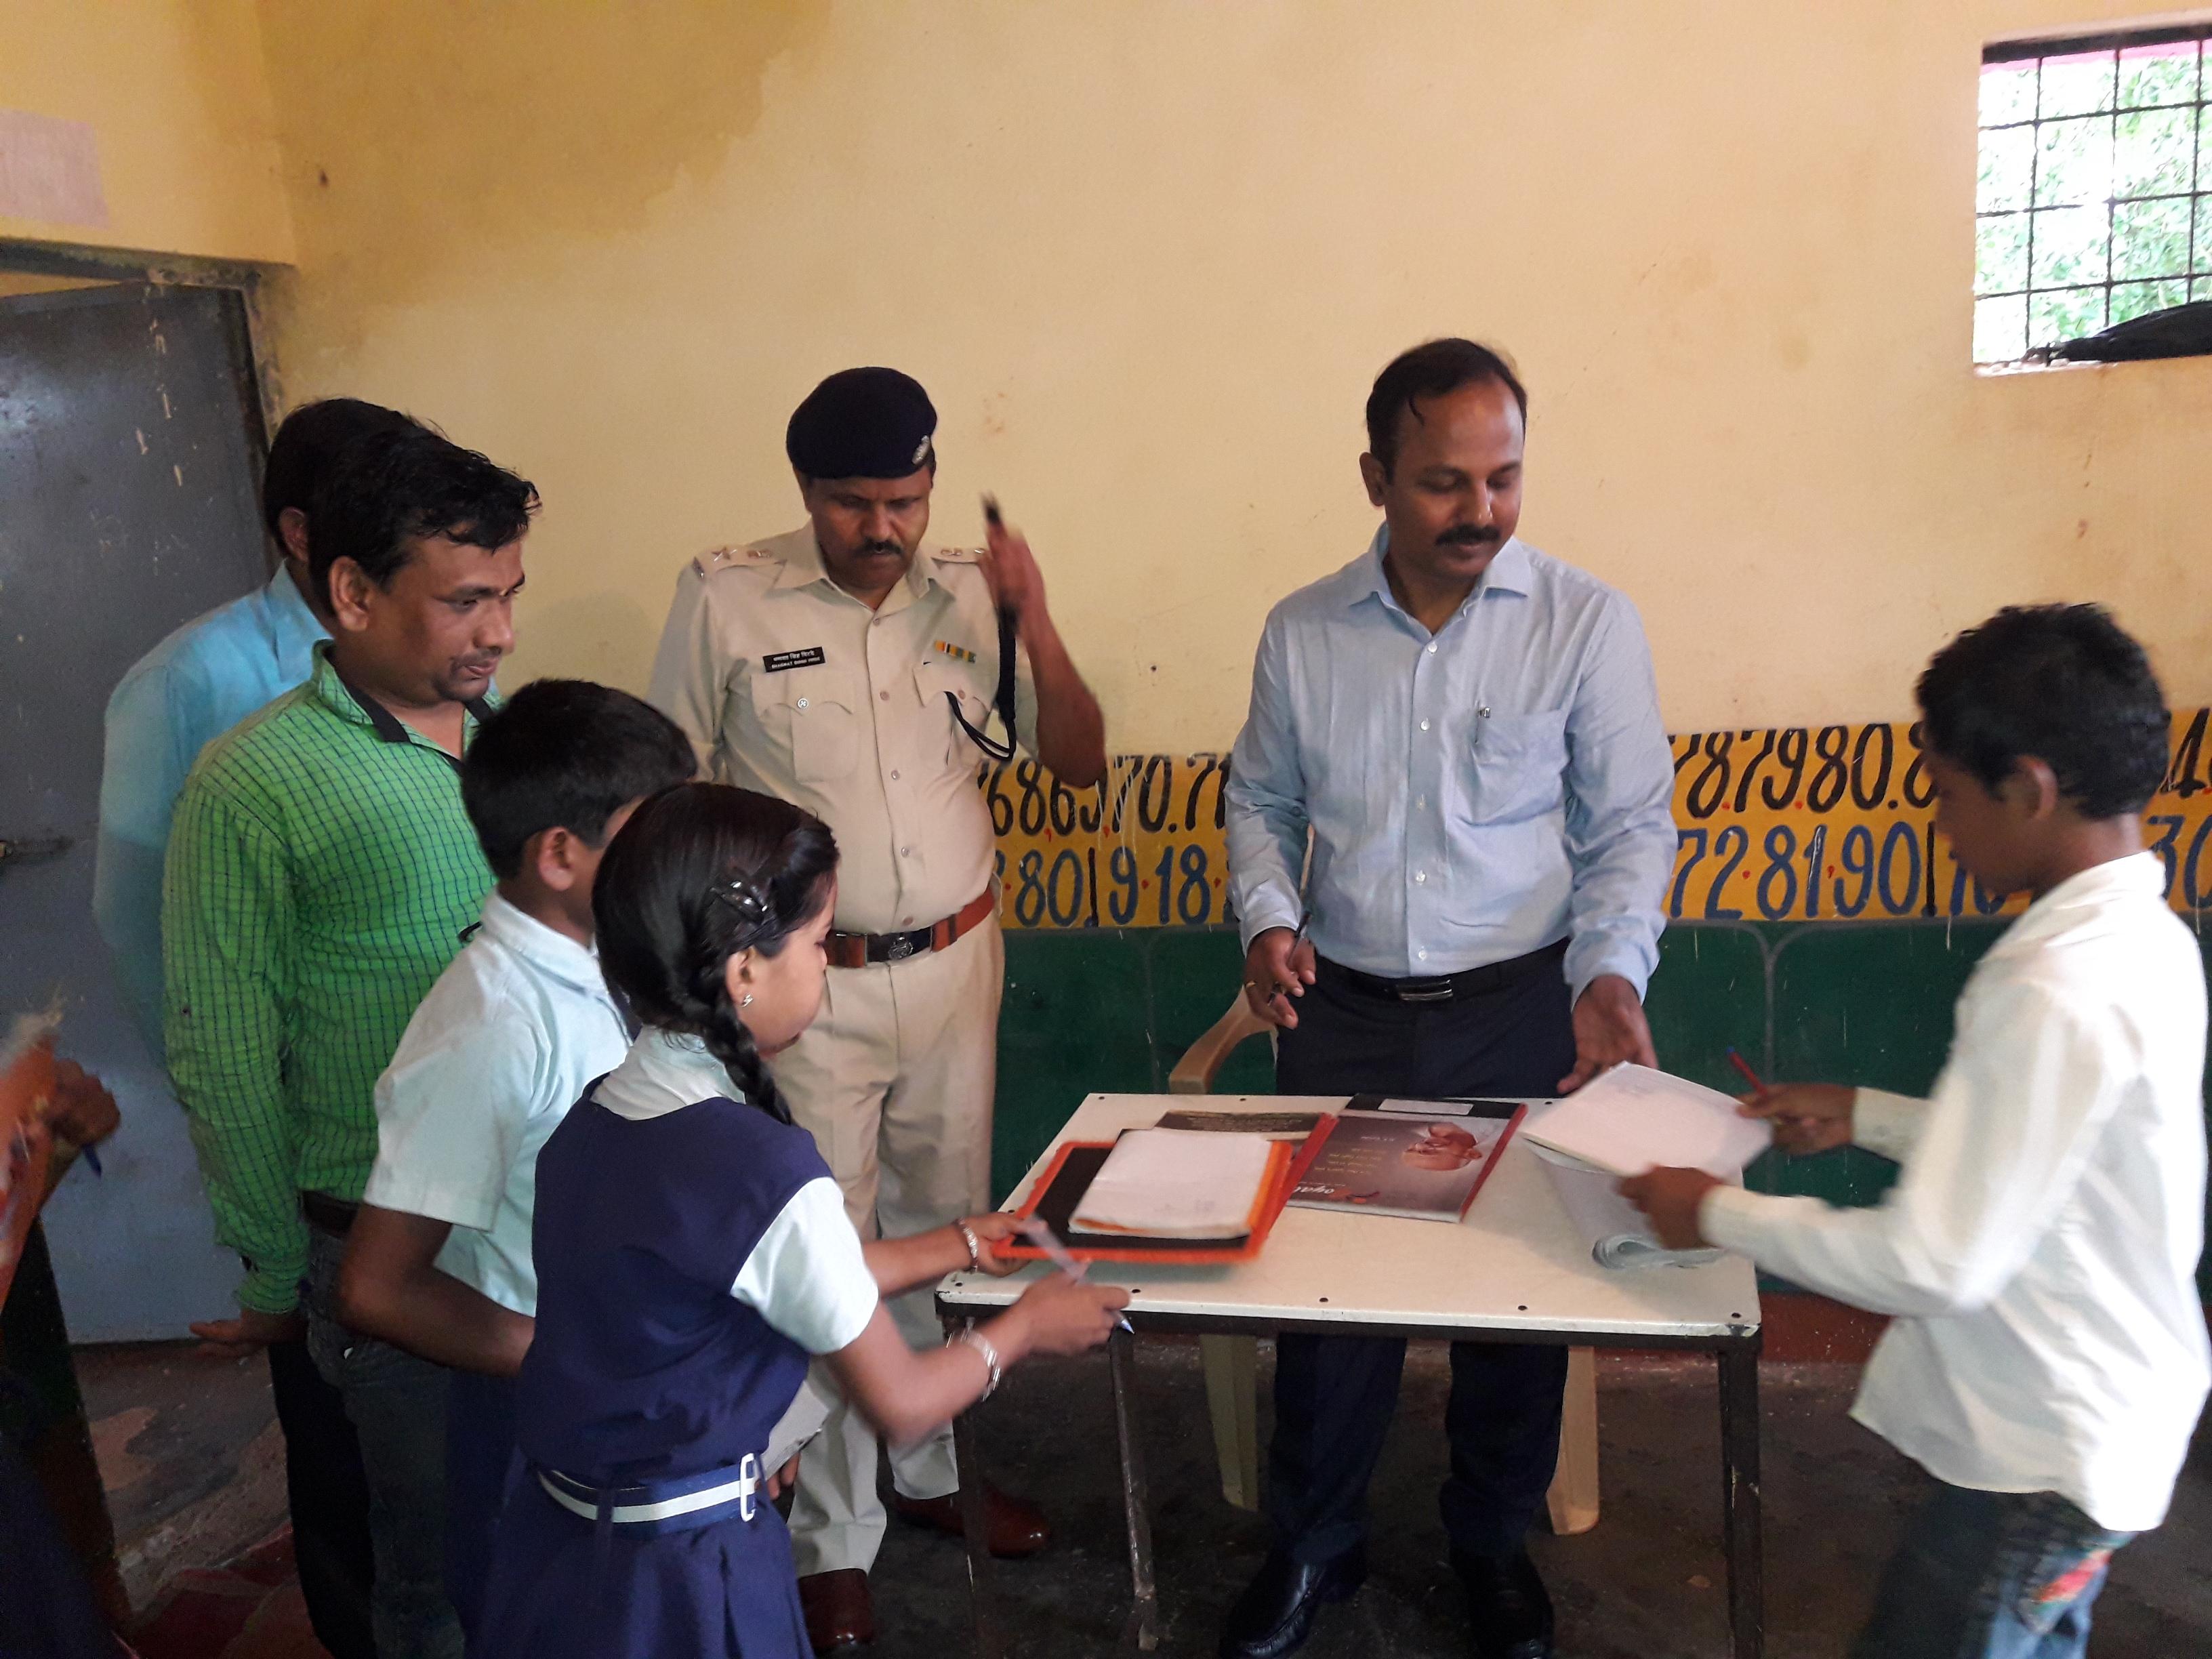 औचक निरीक्षण पर ग्रामीण अस्पताल, स्कूल और आंगनवाड़ी पहुंचे अफसर